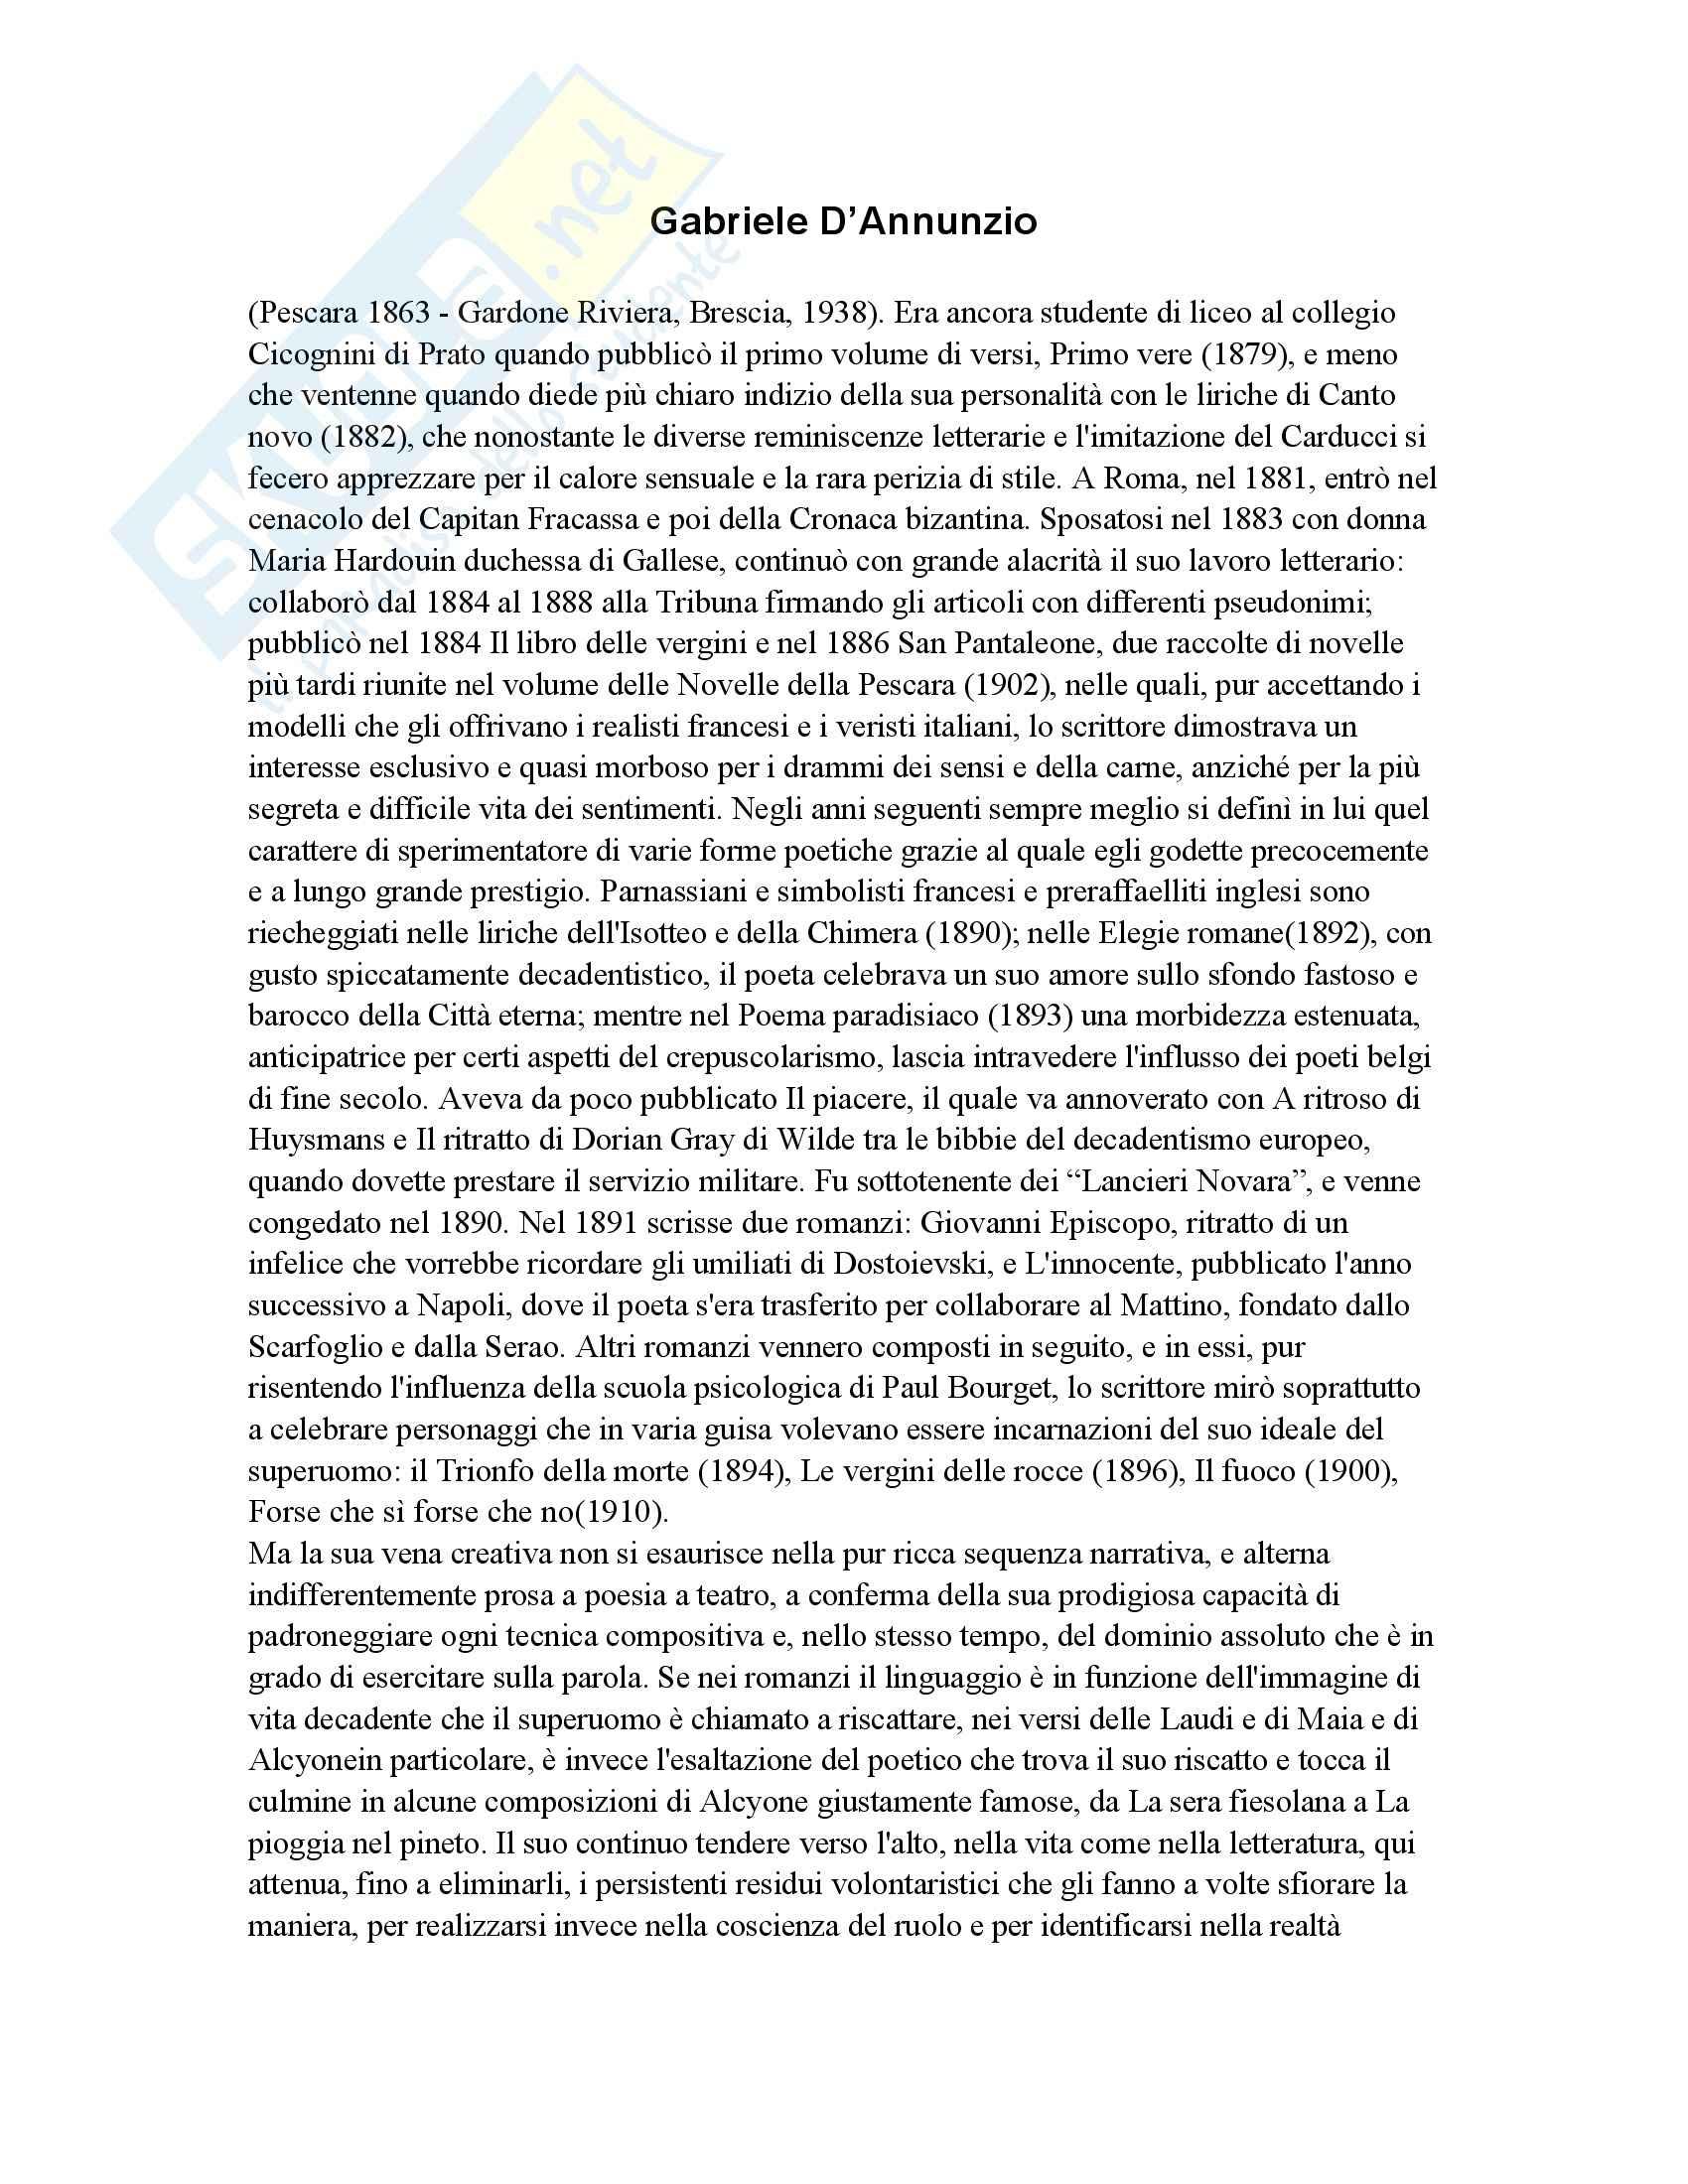 Gabriele D'Annunzio - vita e opere - Appunti